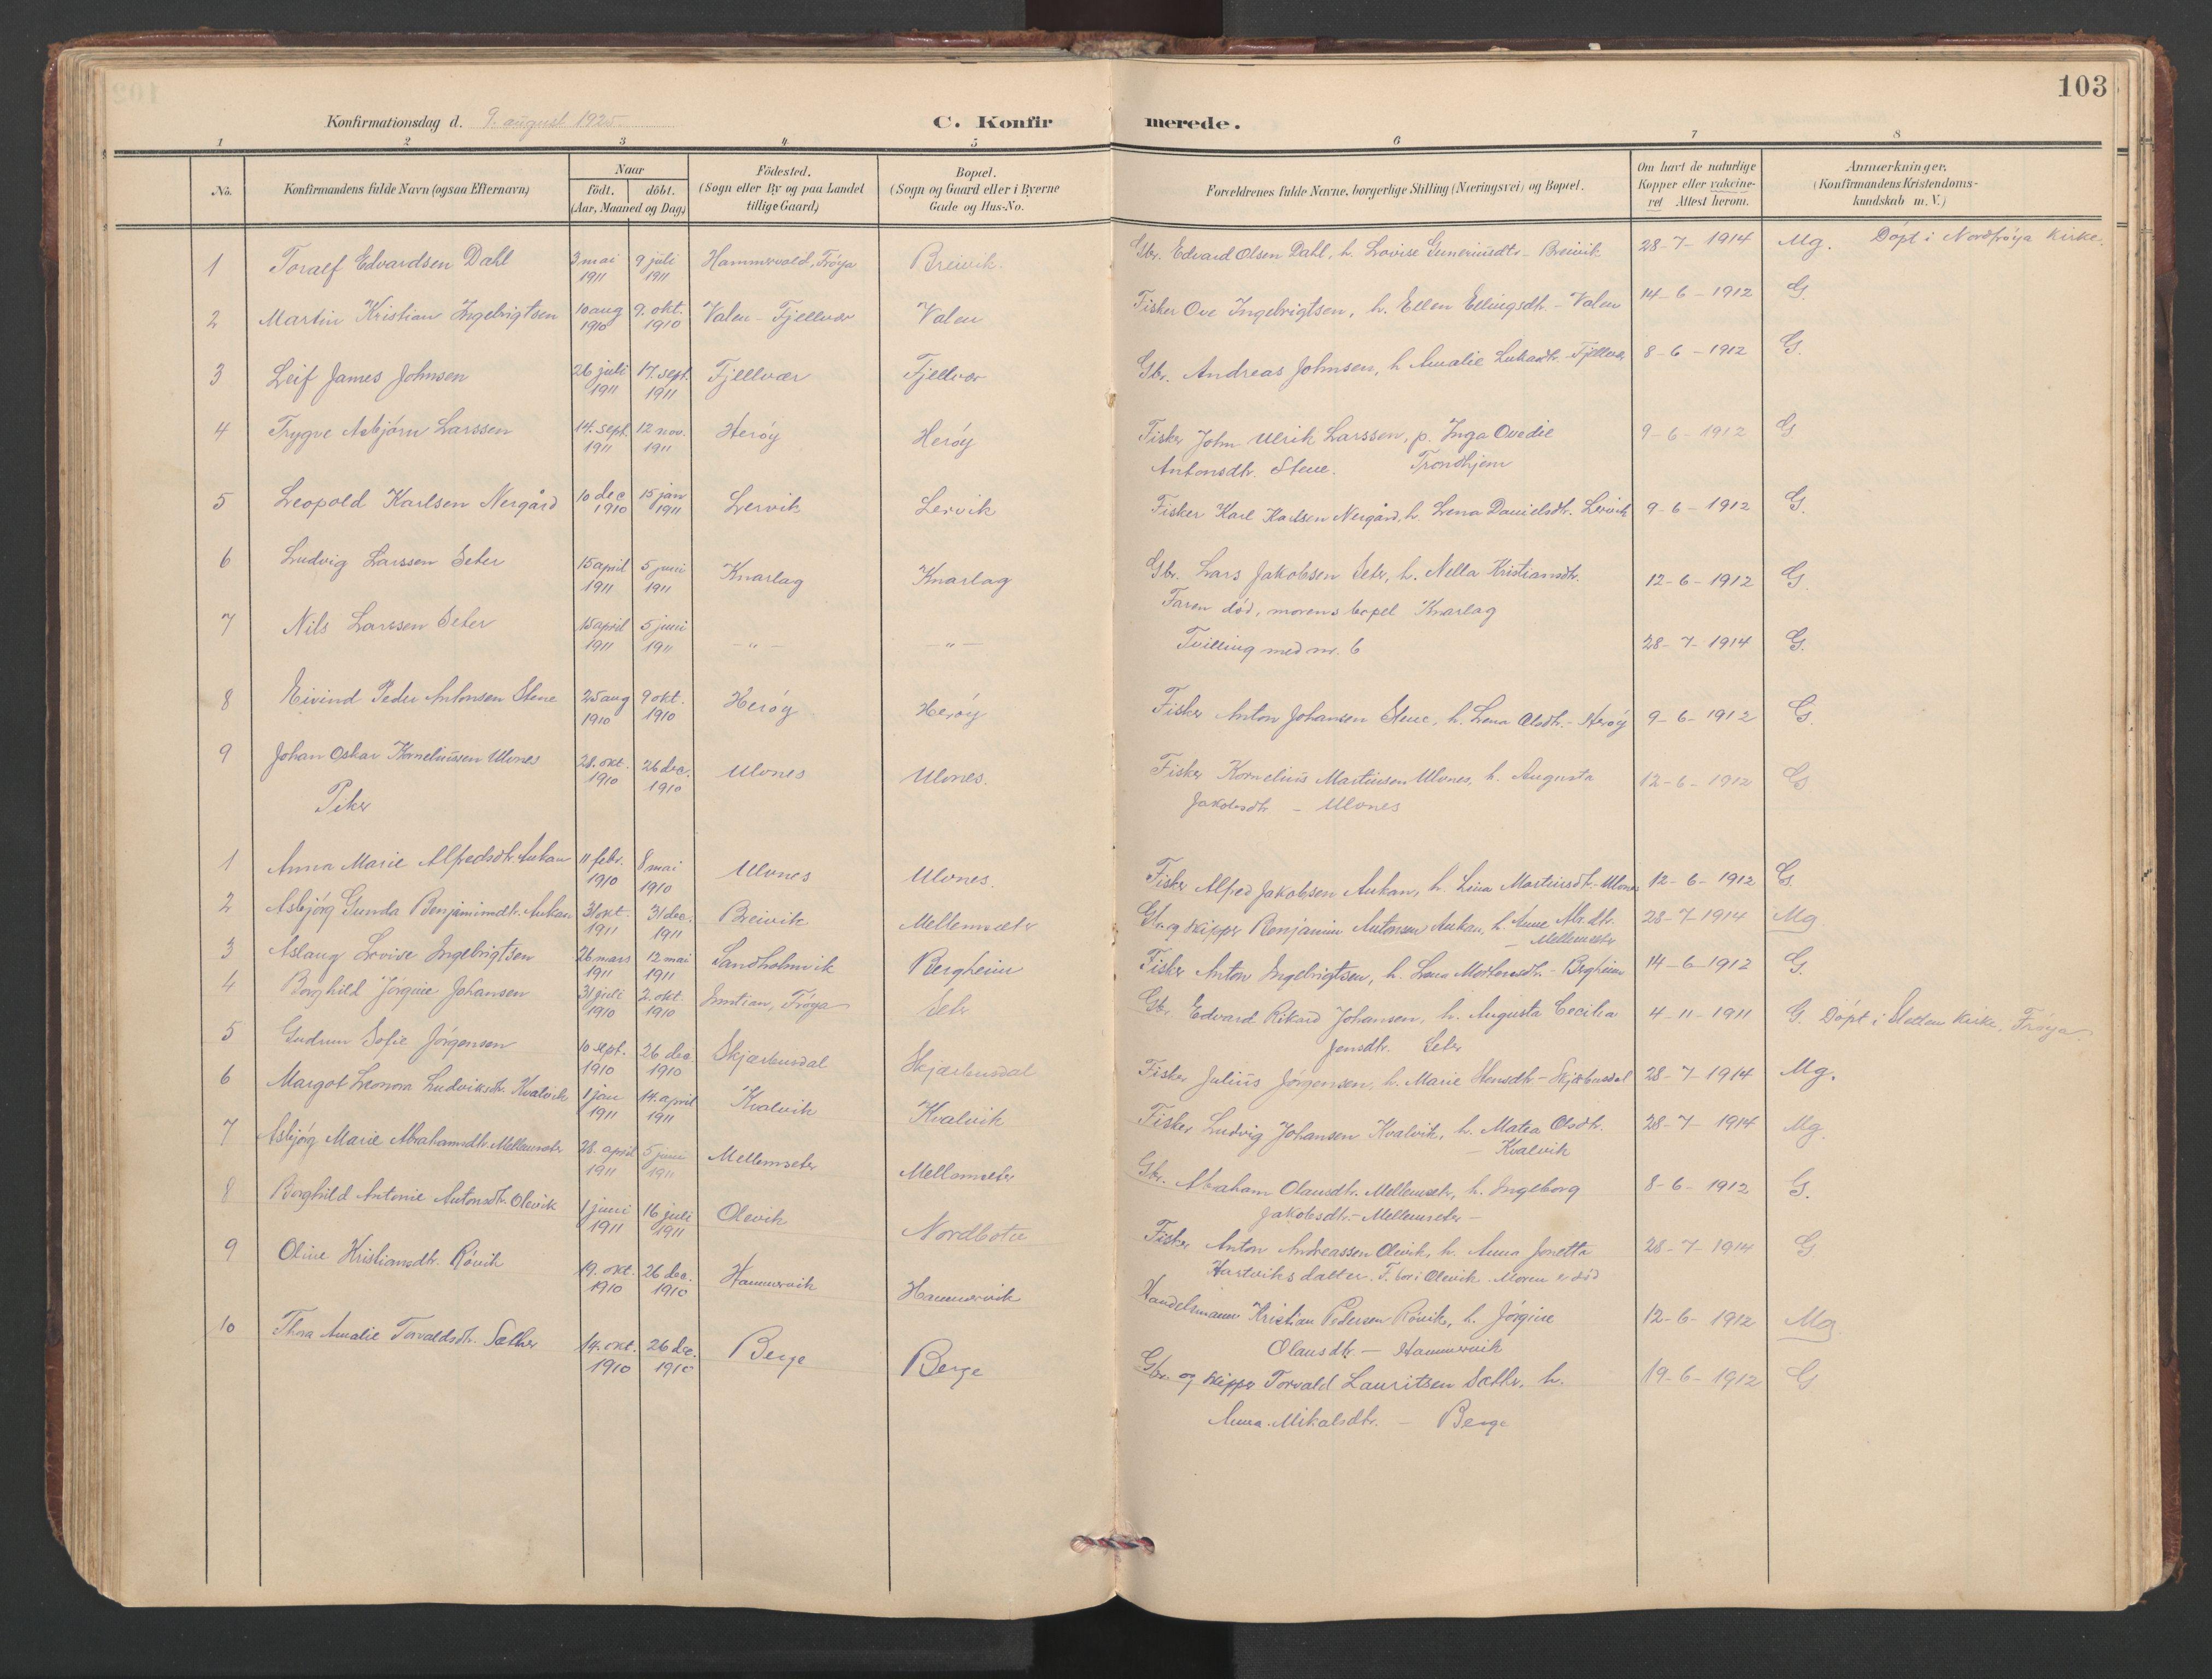 SAT, Ministerialprotokoller, klokkerbøker og fødselsregistre - Sør-Trøndelag, 638/L0571: Klokkerbok nr. 638C03, 1901-1930, s. 103